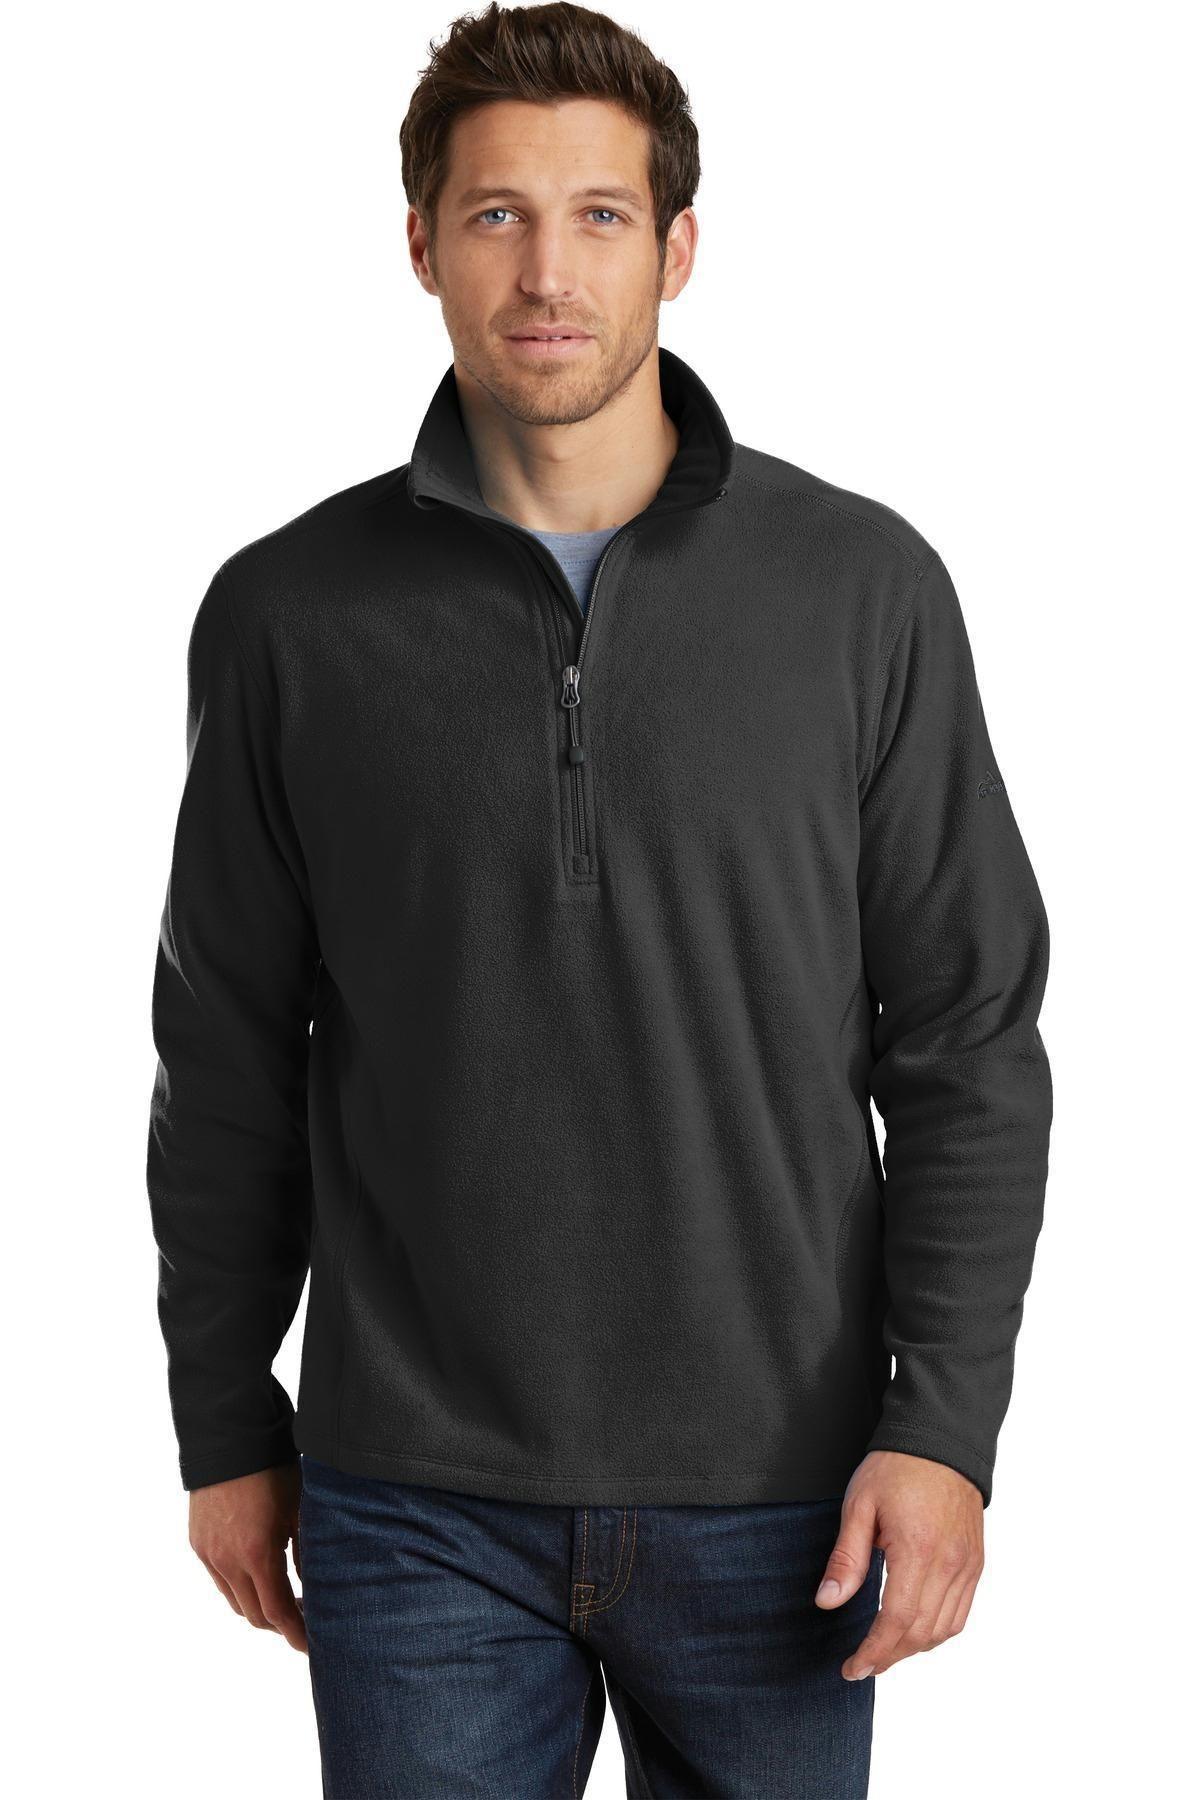 Eddie Bauer1/2Zip microFleece Jacket. EB226 Jackets